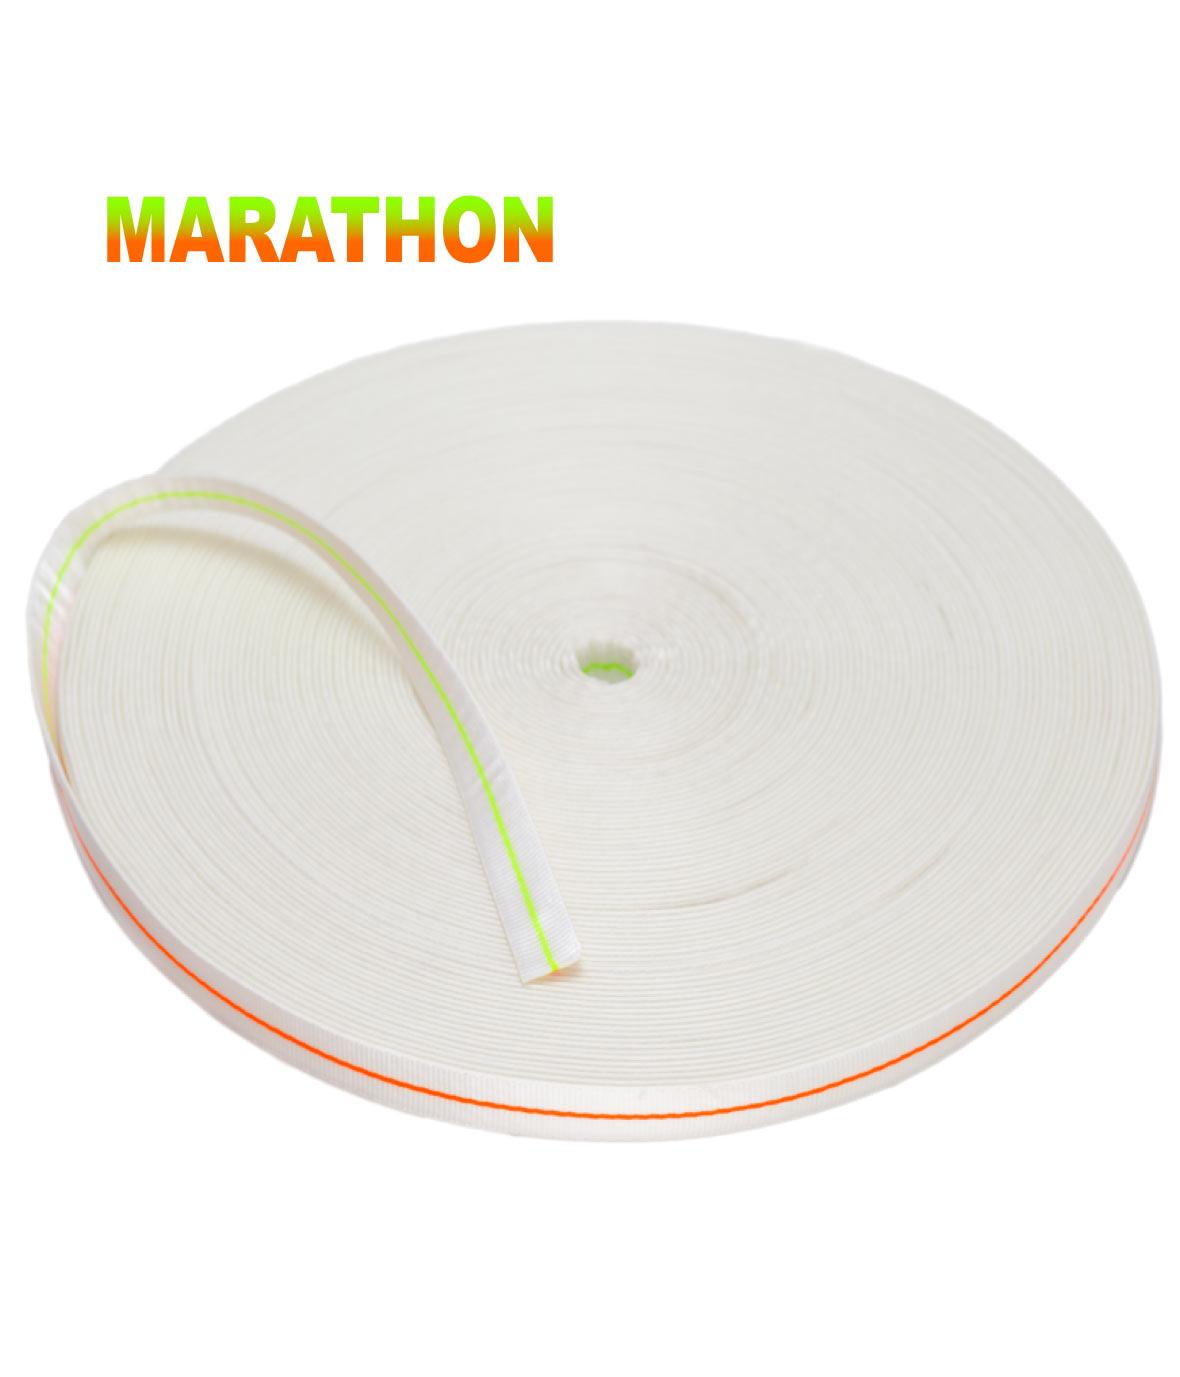 marathon slackline